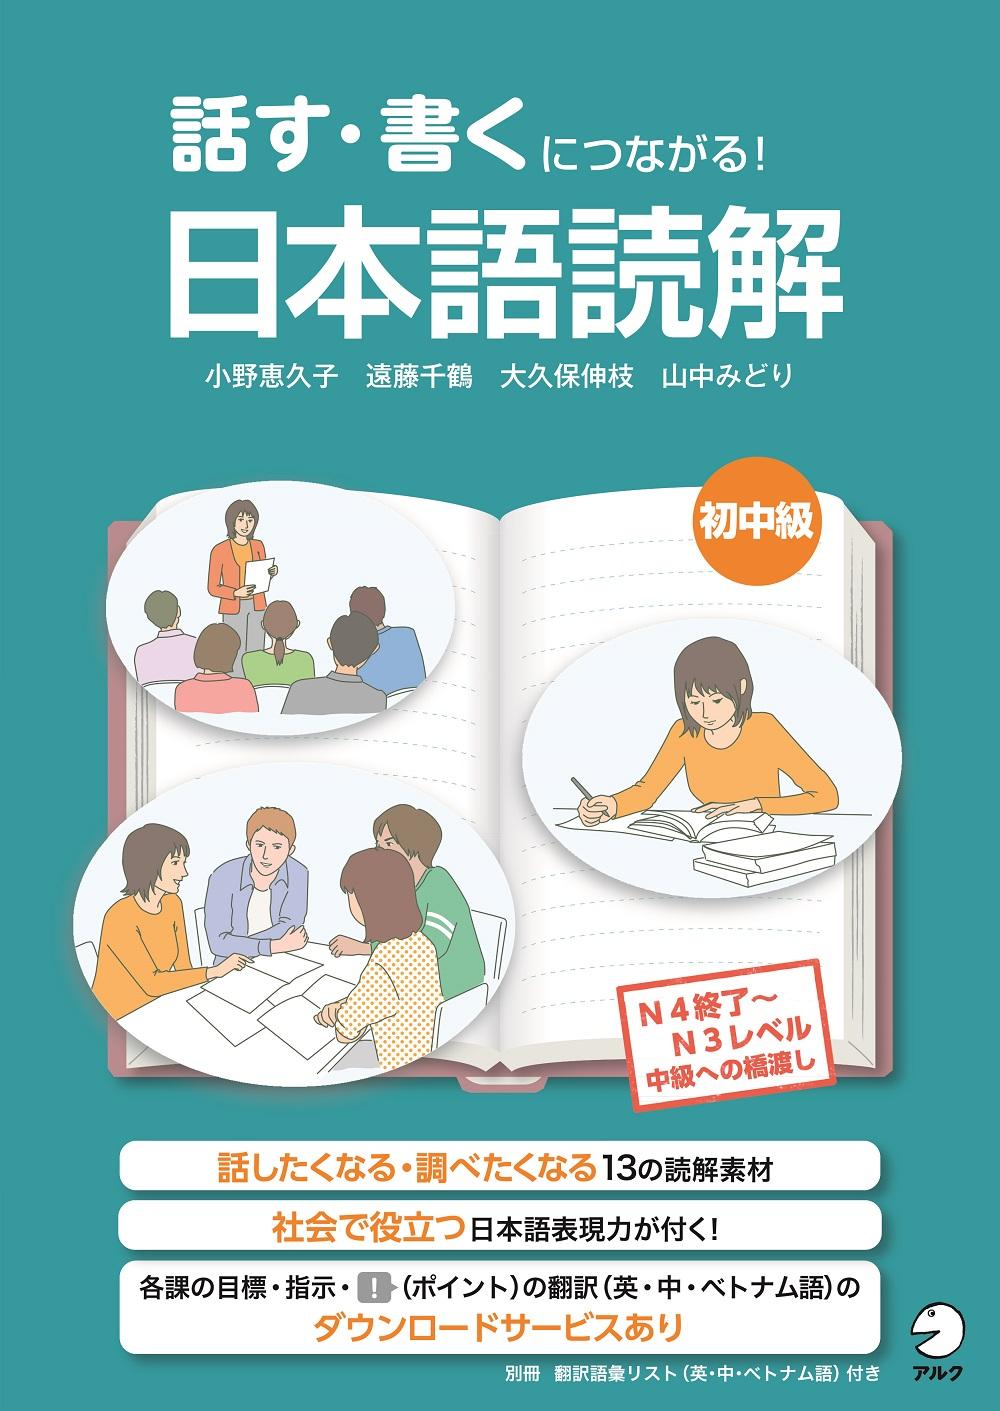 話す・書くにつながる! 日本語読解 初中級画像